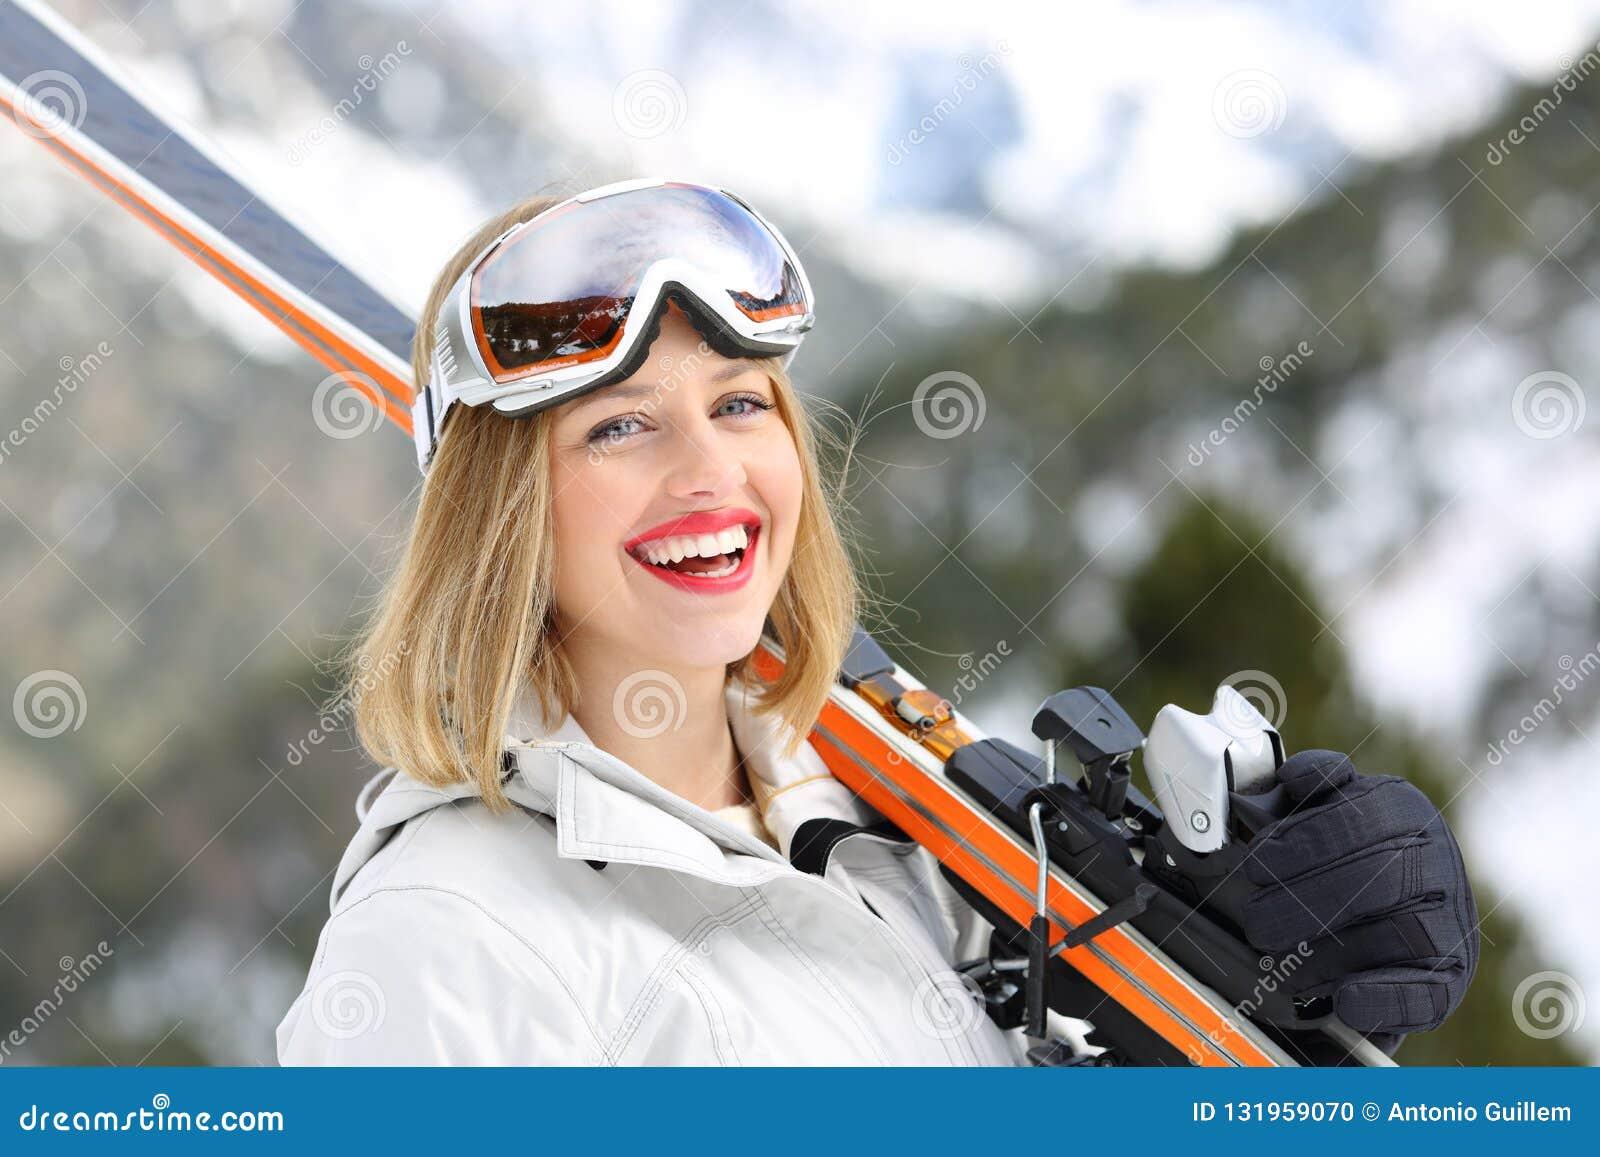 Skieur heureux regardant la caméra tenant des skis